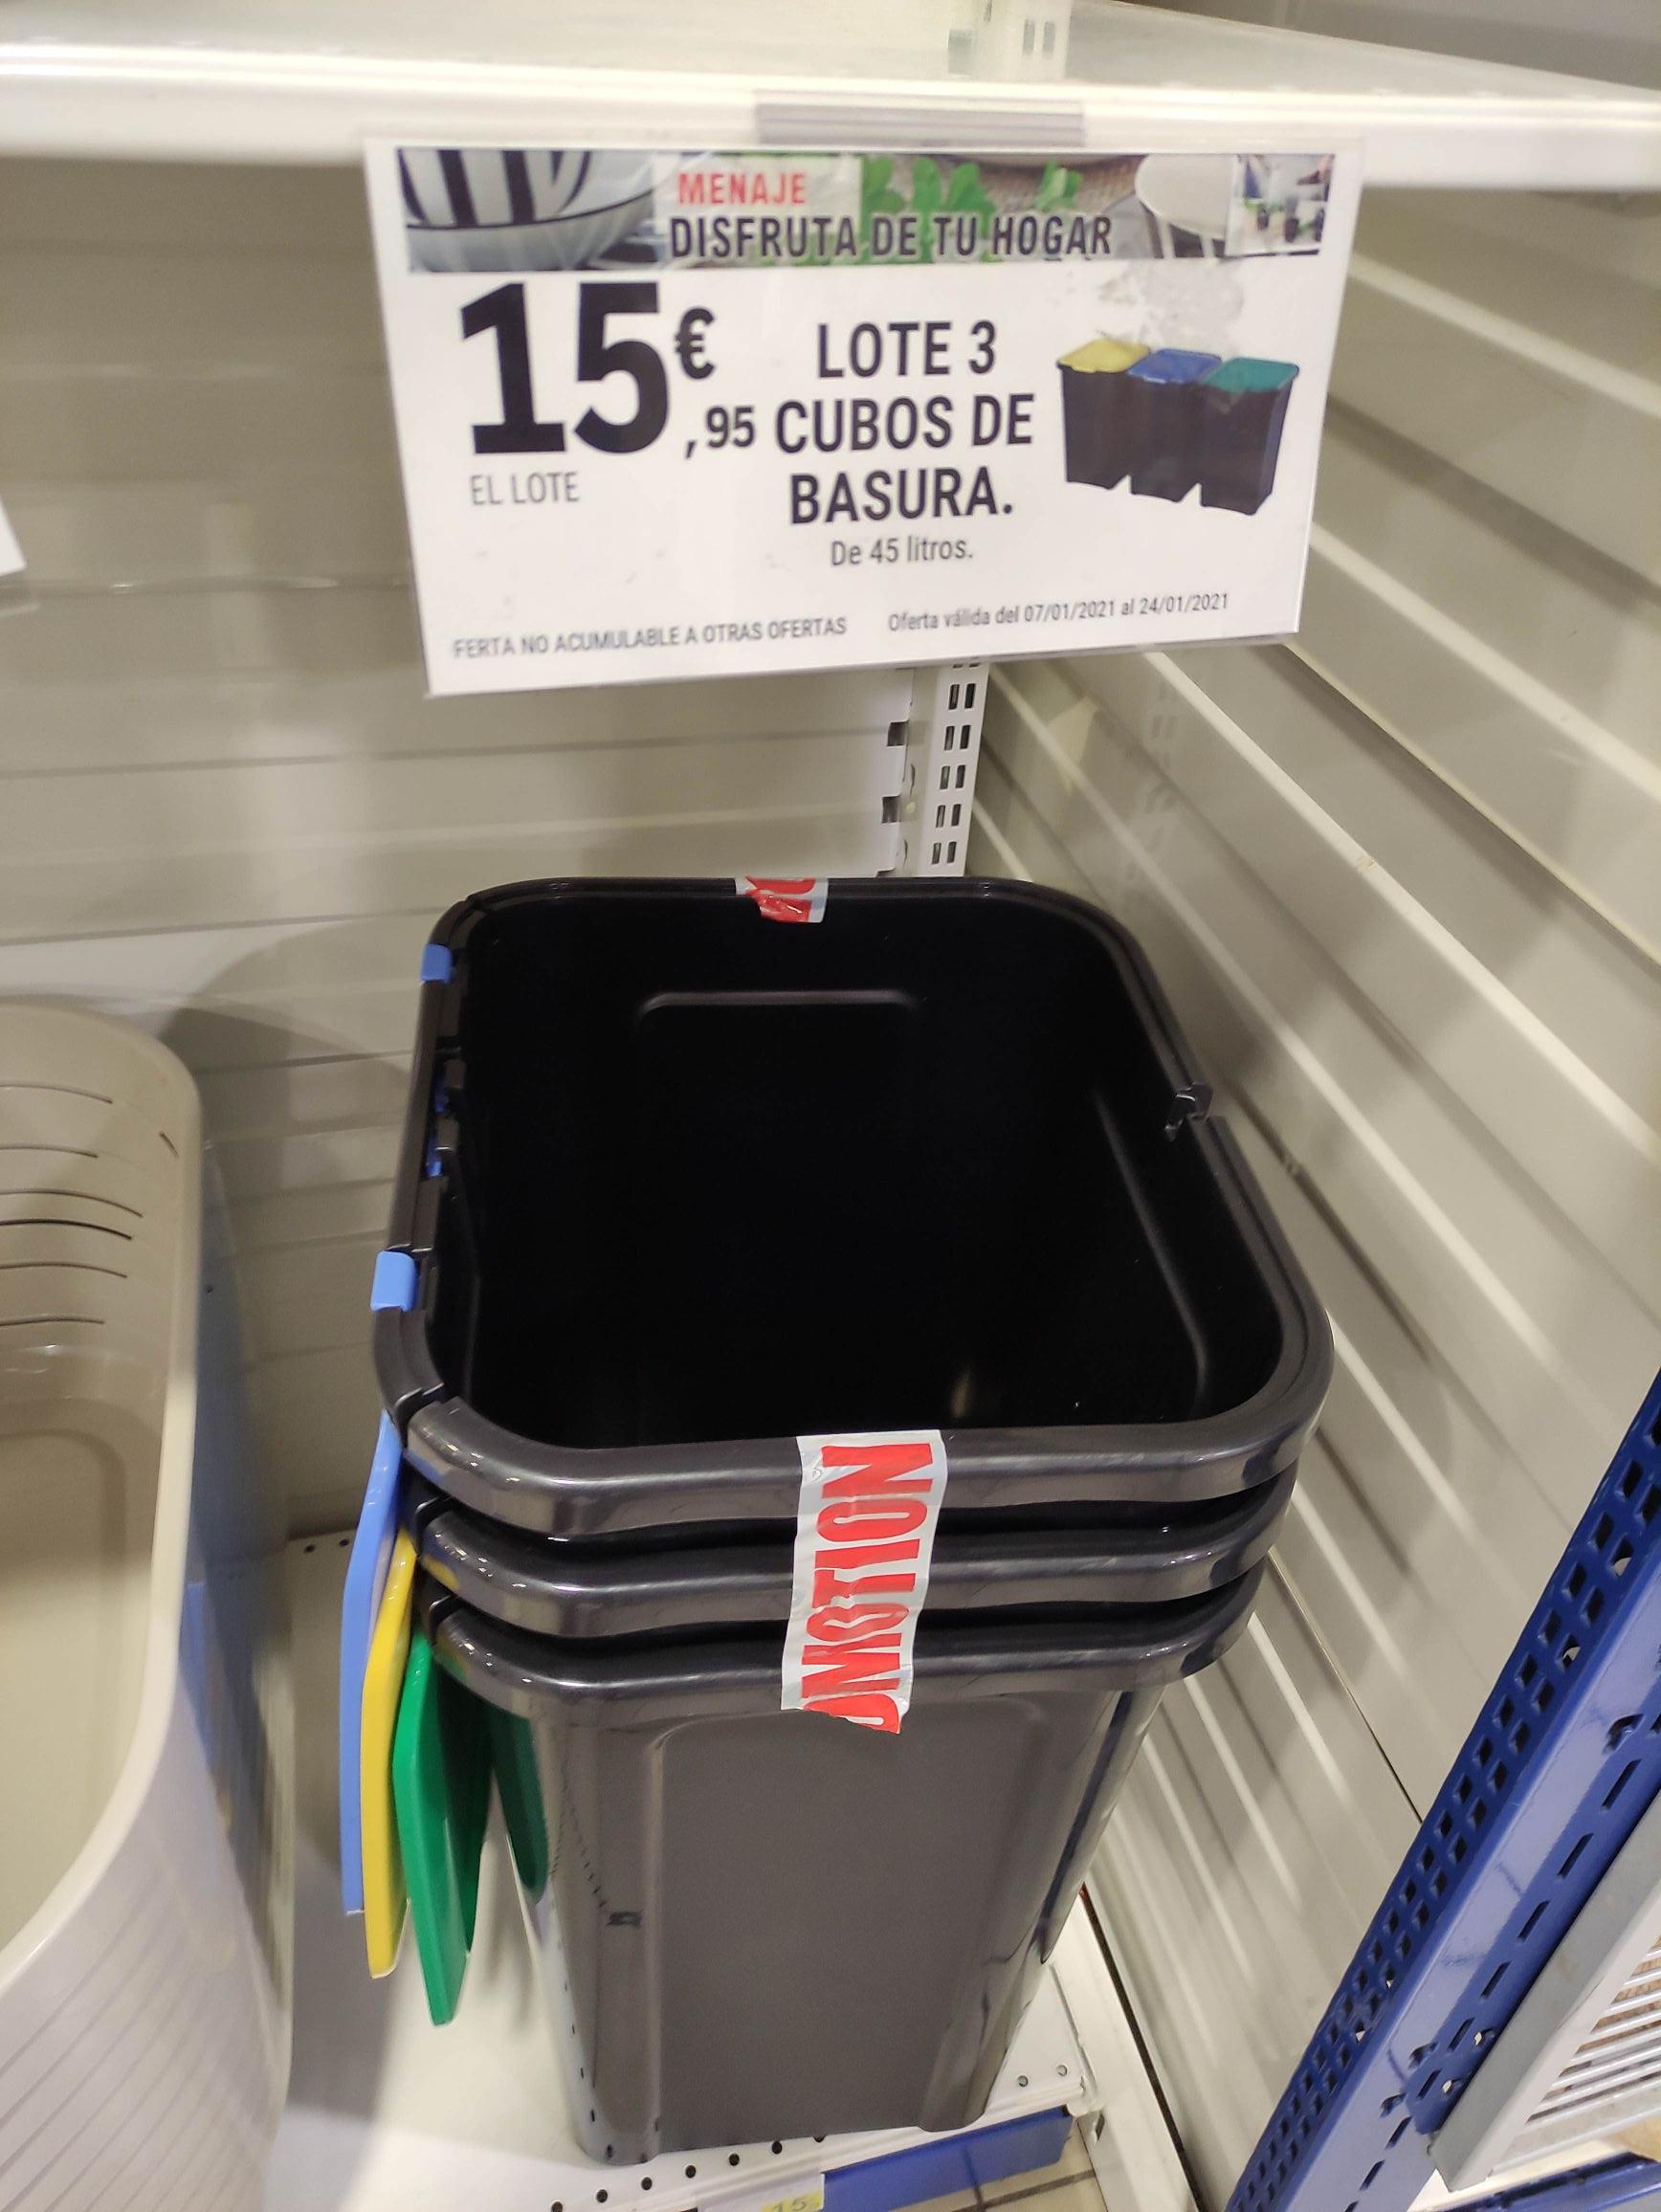 Lote 3 cubos de basura de reciclaje en el Leclerc de Ciudad Real